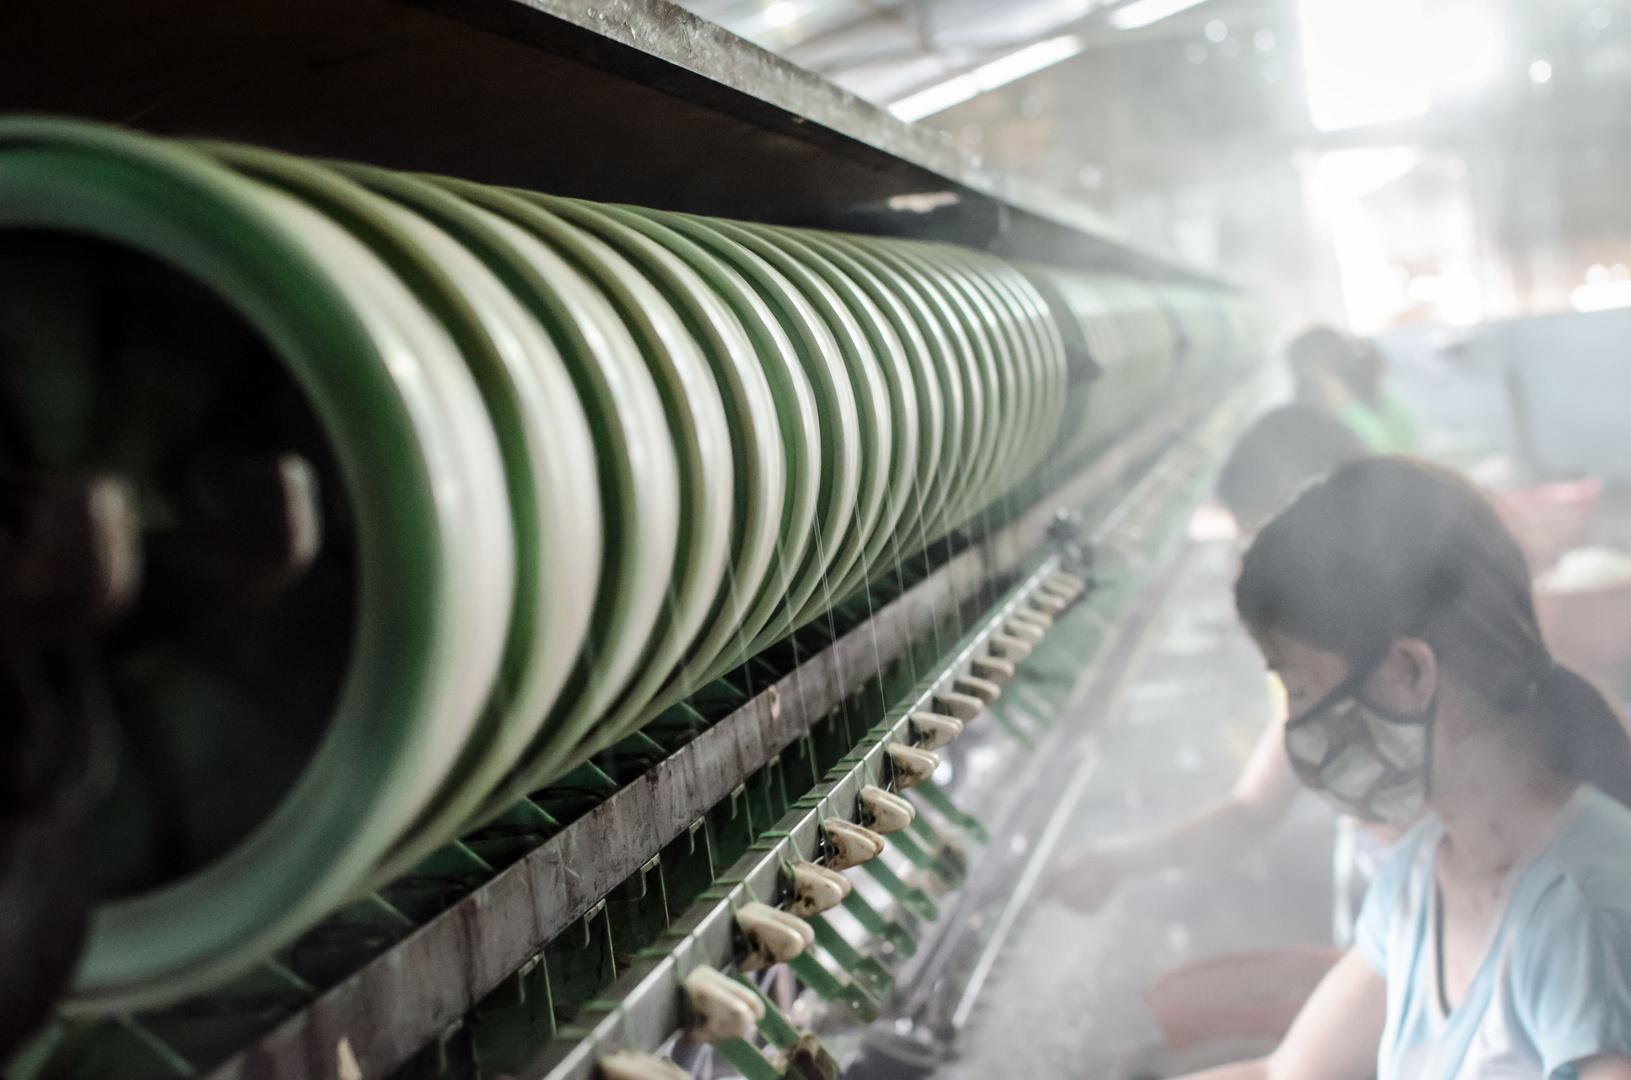 silk factory near Dalat, Vietnam